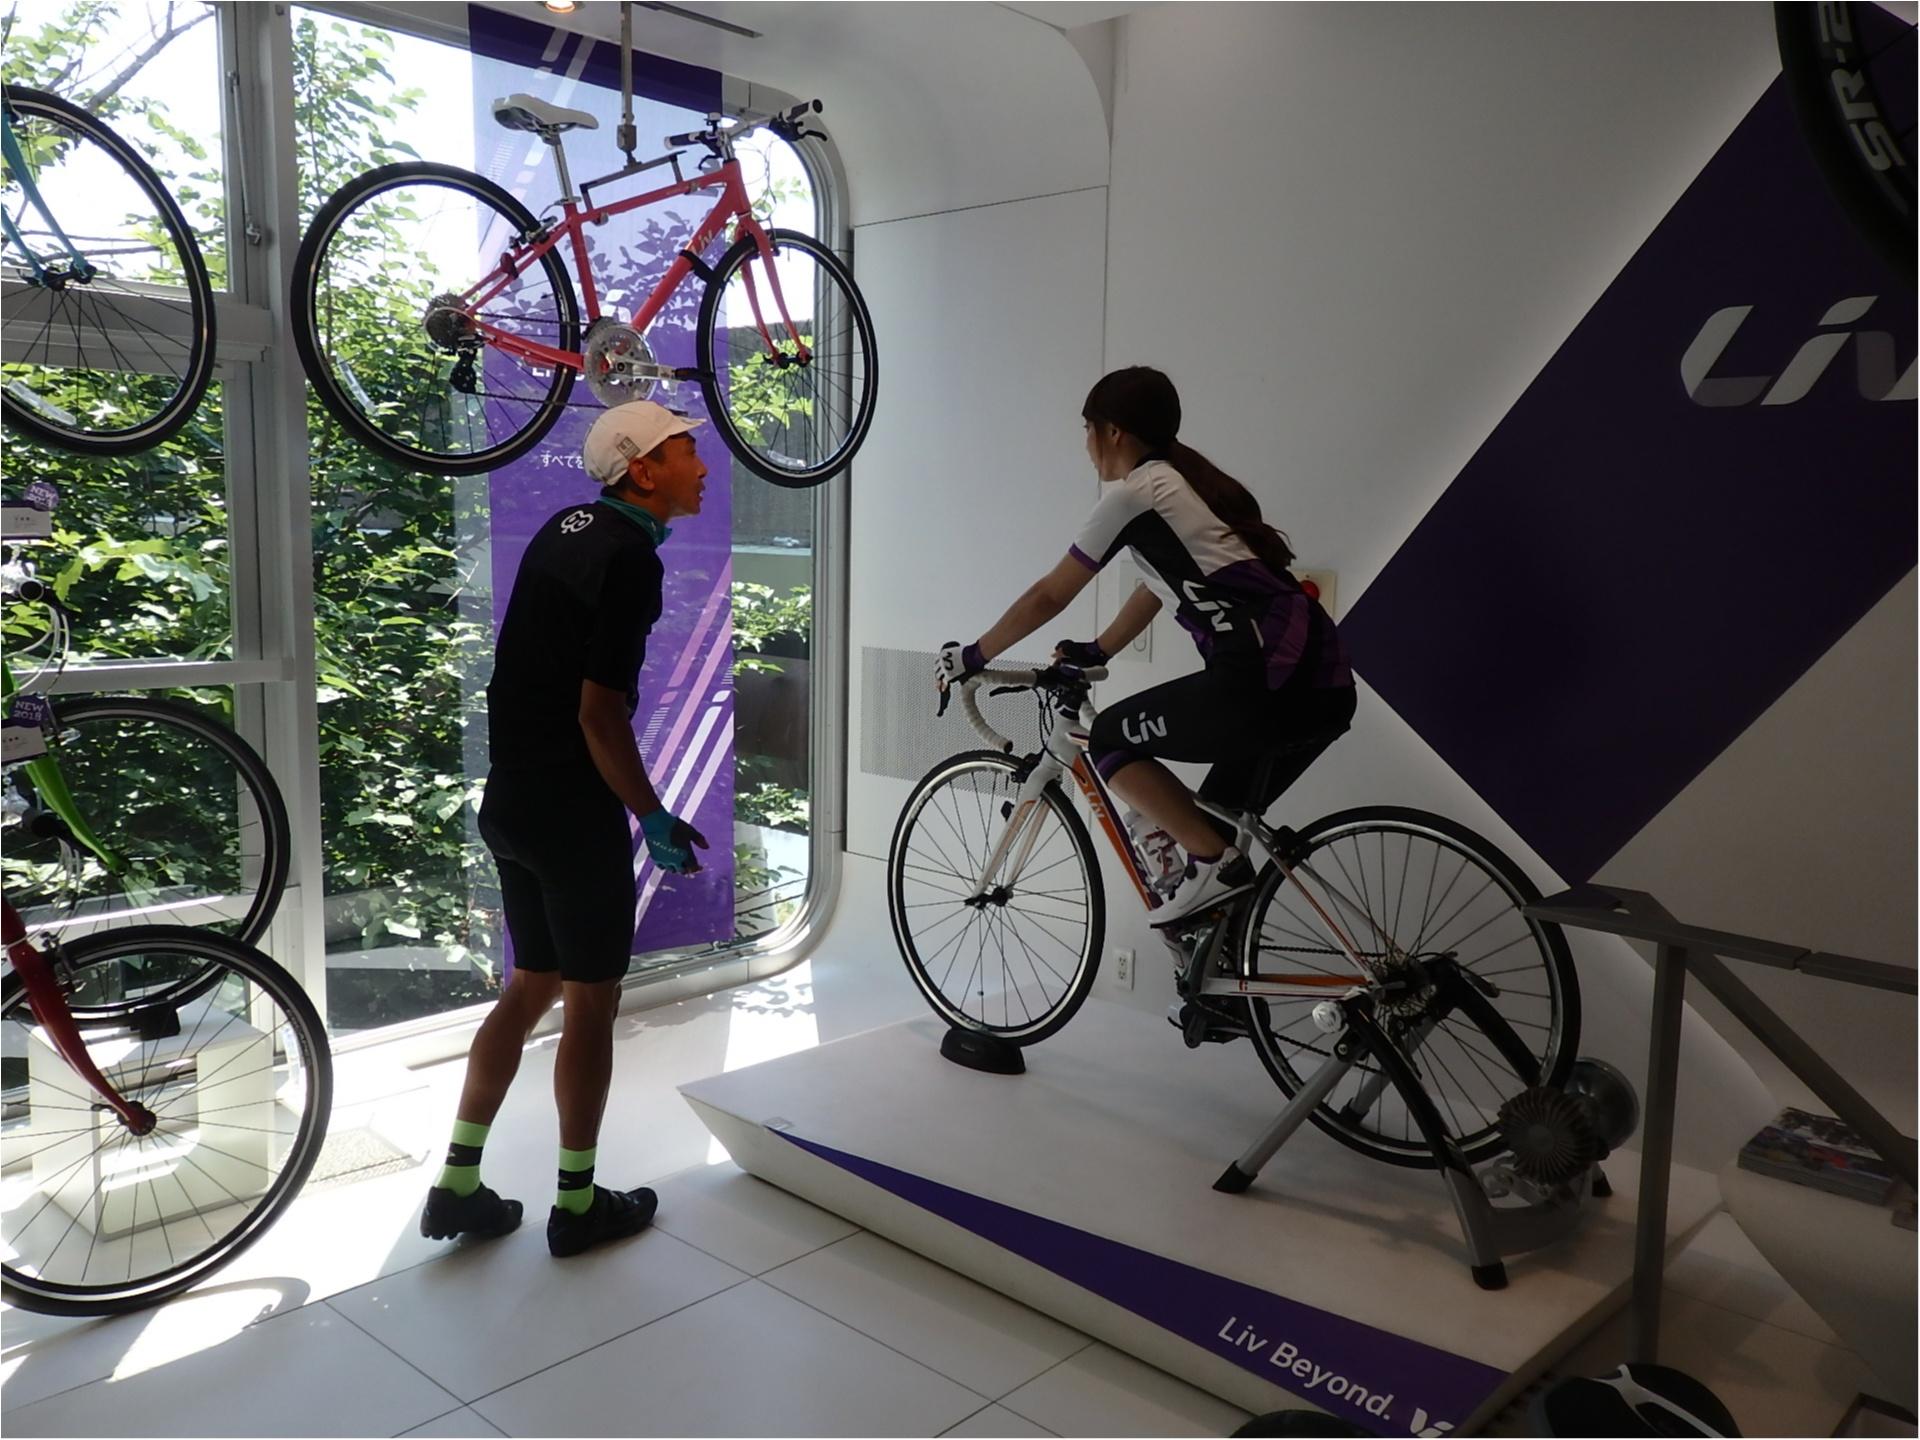 ロードバイク初体験!元オリンピック選手からしっかり教わります!#ツール・ド・東北【#モアチャレ あかね】_1